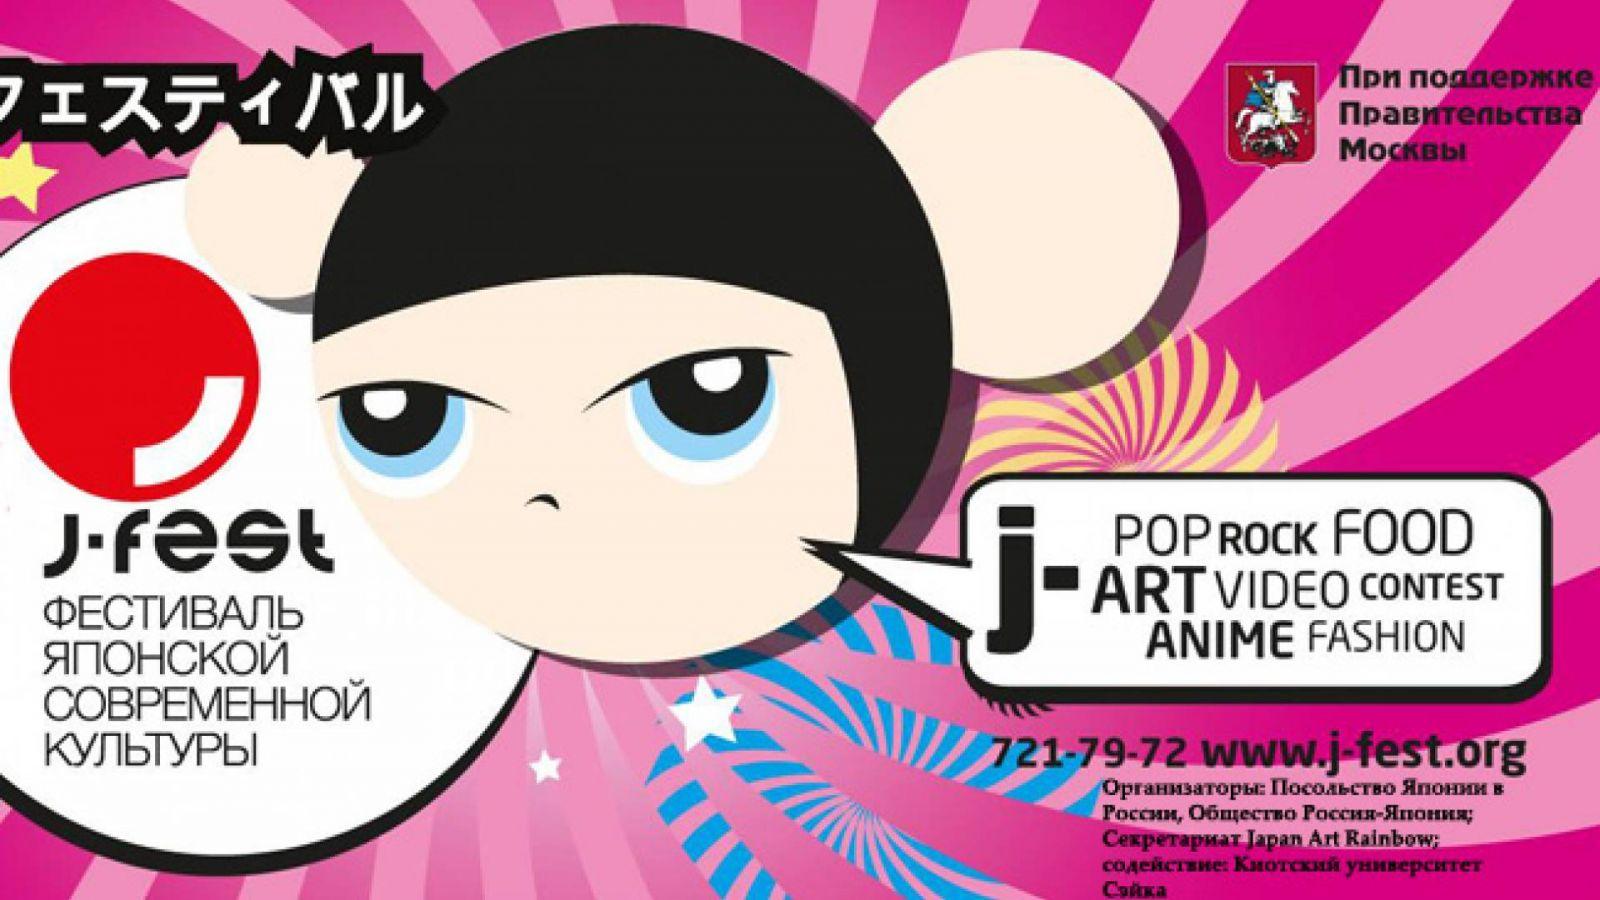 J-FEST 2011: фестиваль японской современной культуры © JaME - J-FEST